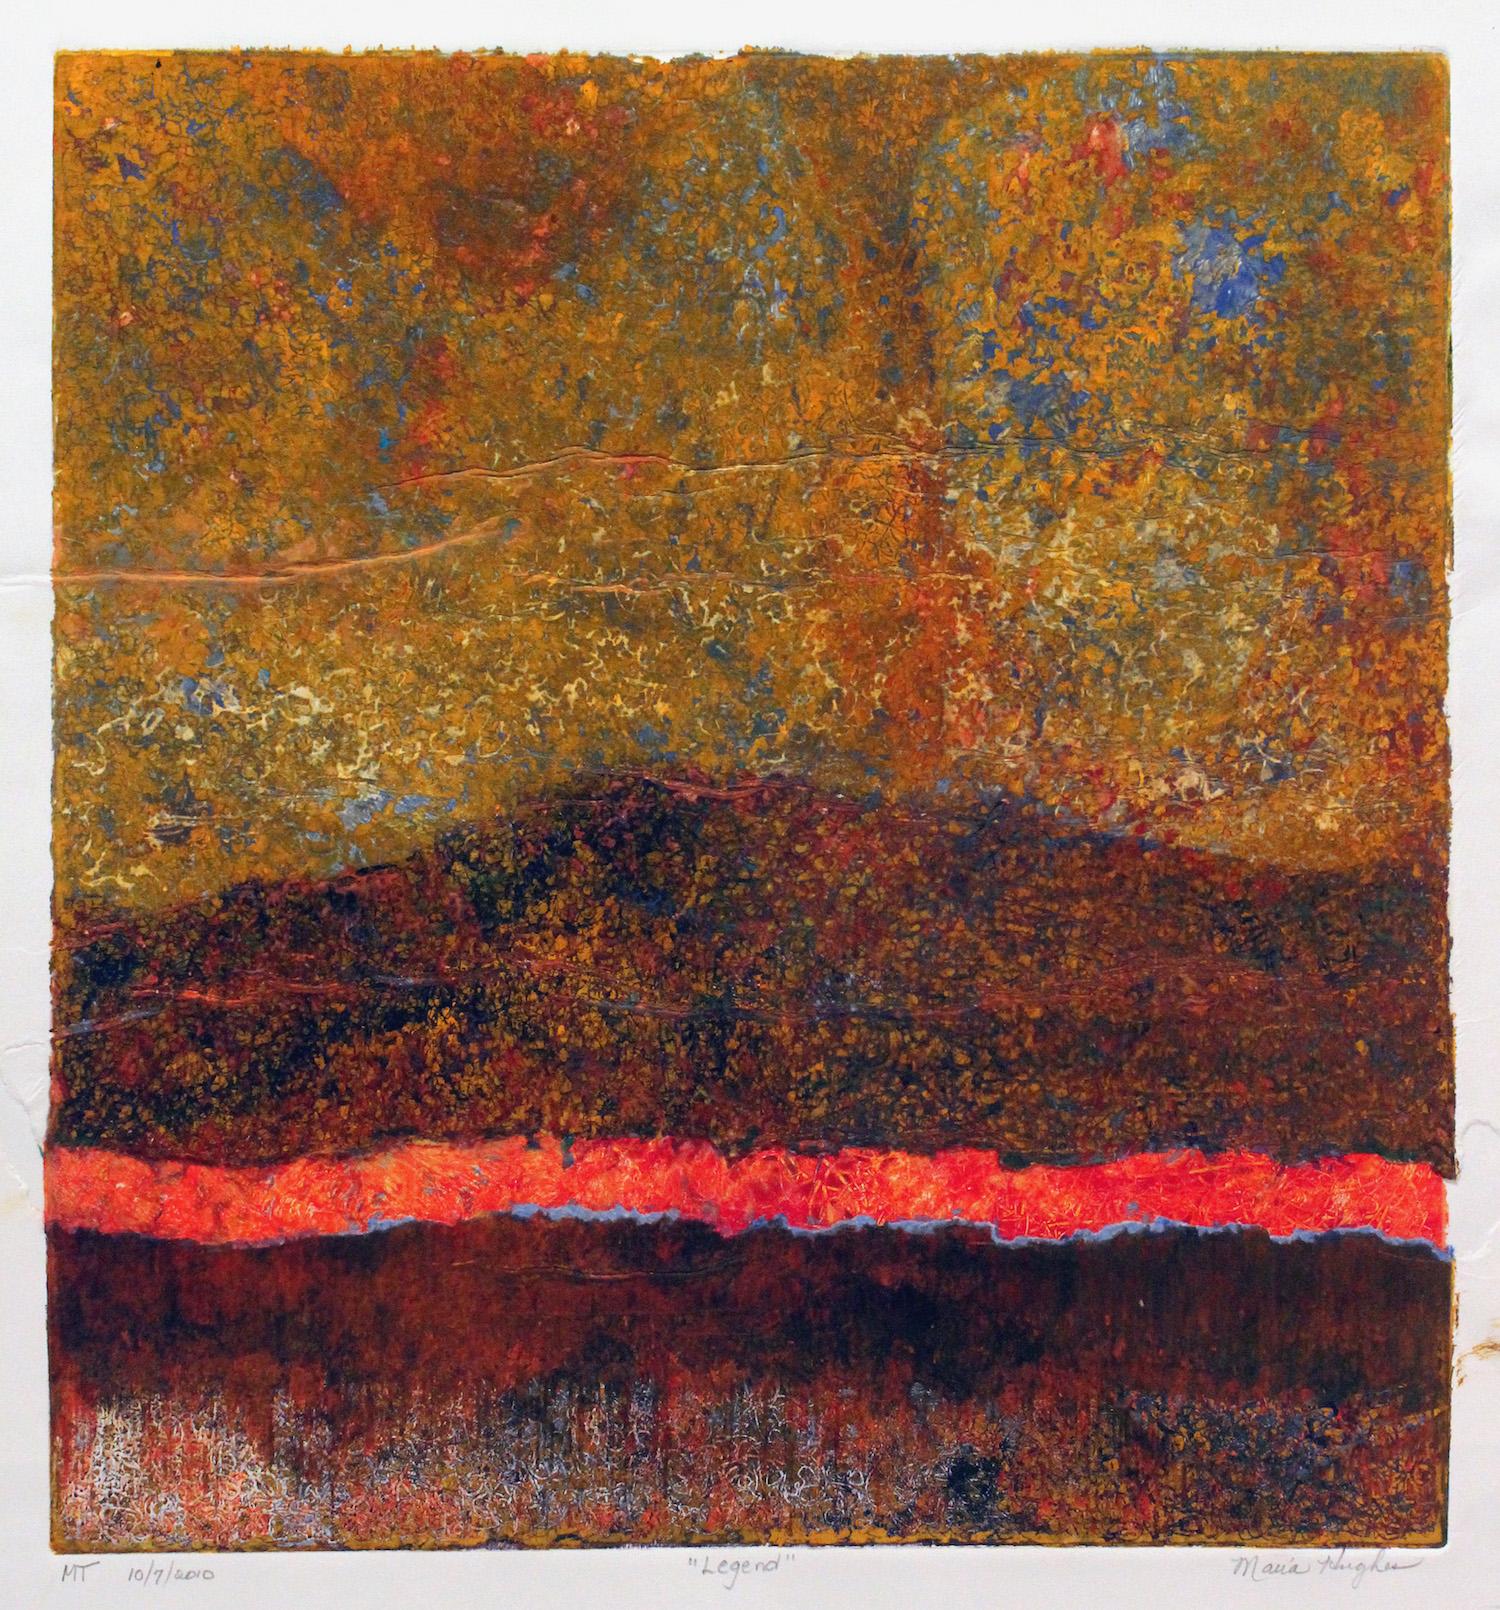 Maria Hughes, Legend, 2011. Monotype, 21 x 19.5 in.